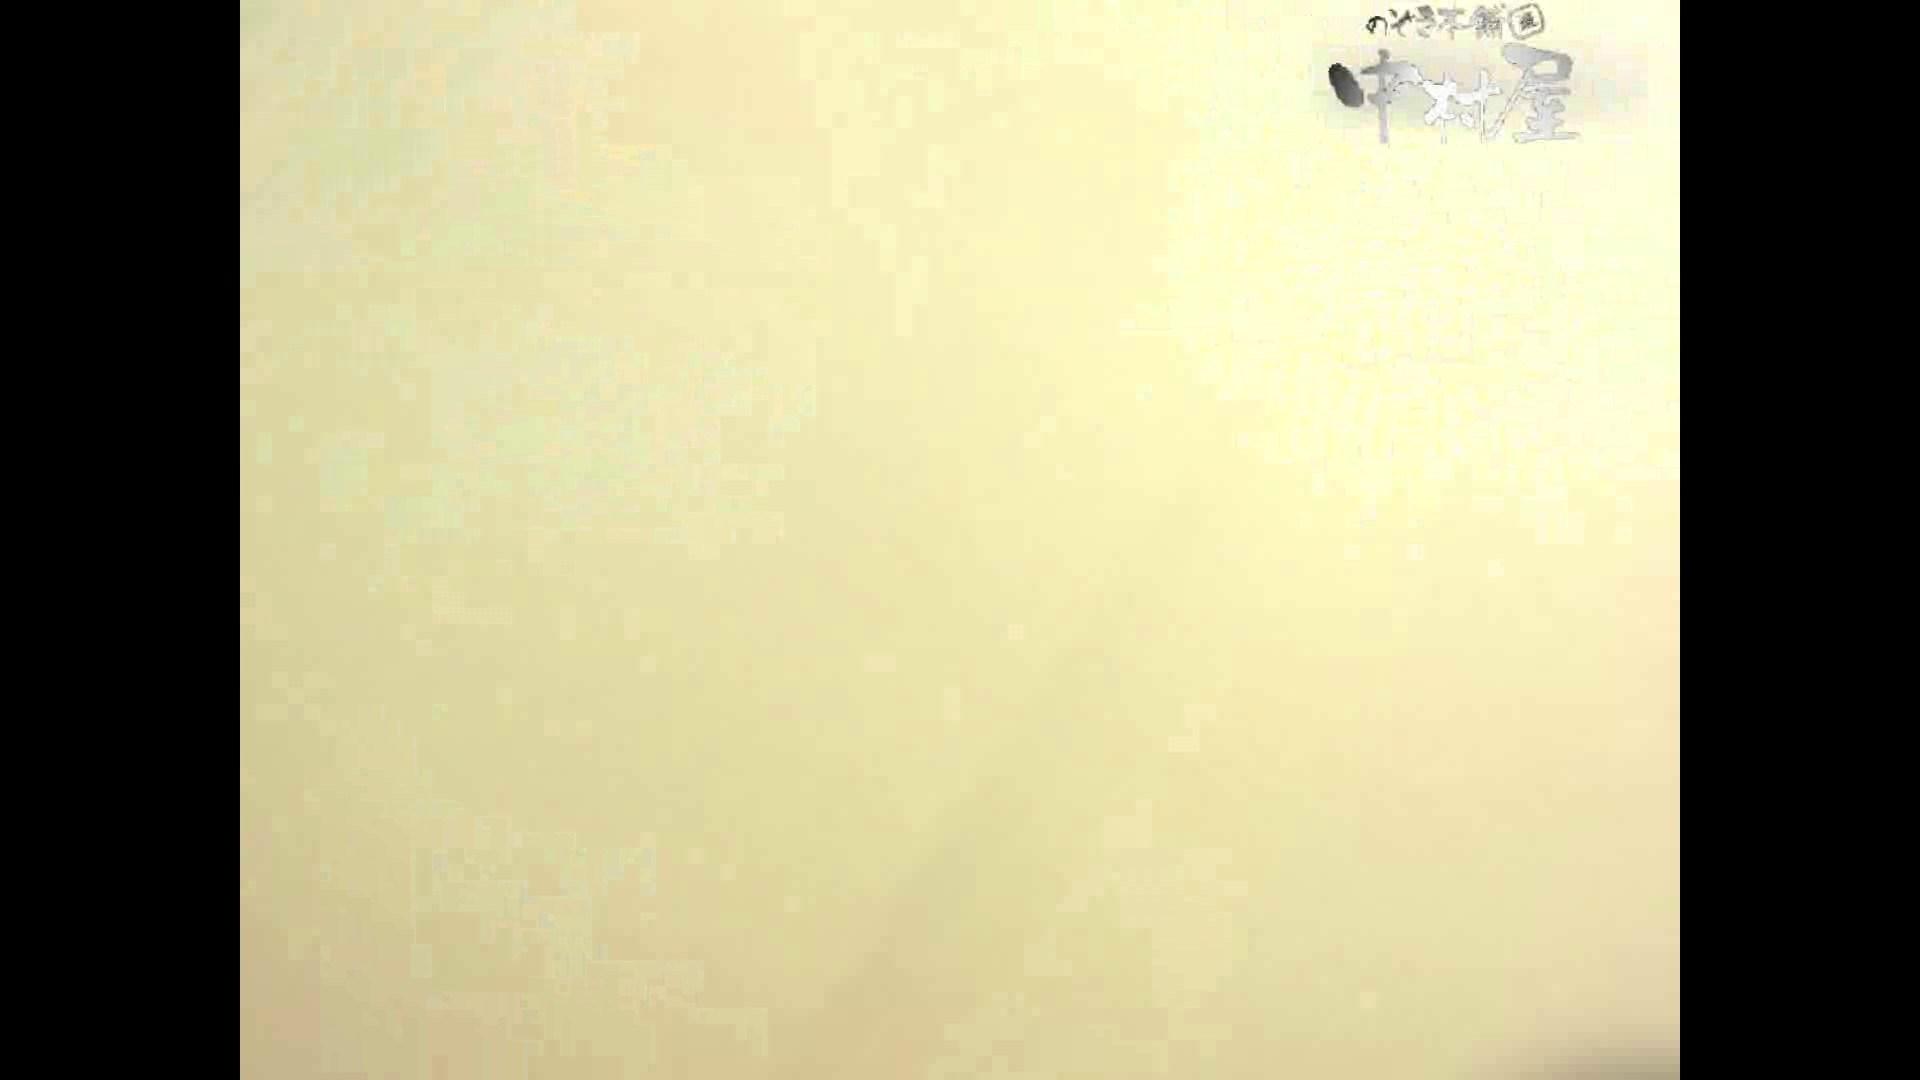 岩手県在住盗撮師盗撮記録vol.12 マンコ  20Pix 12